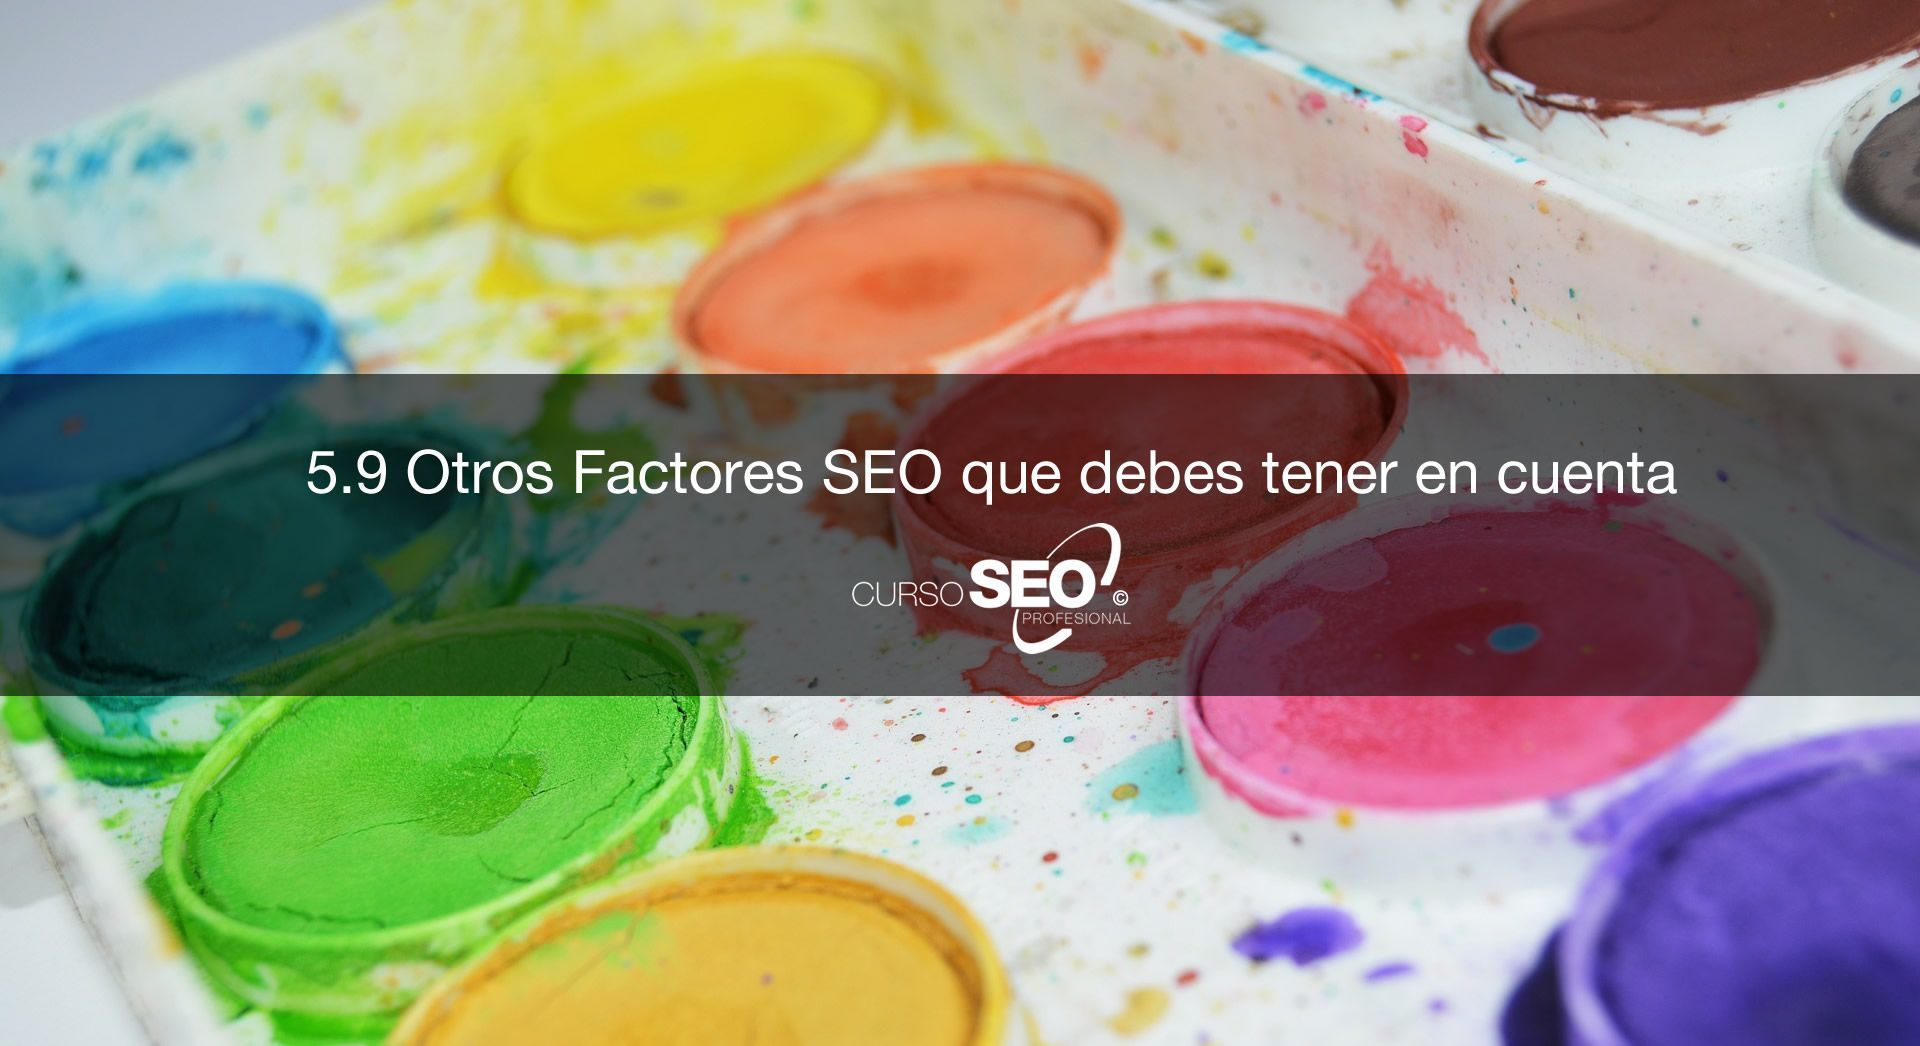 Otros factores SEO on page